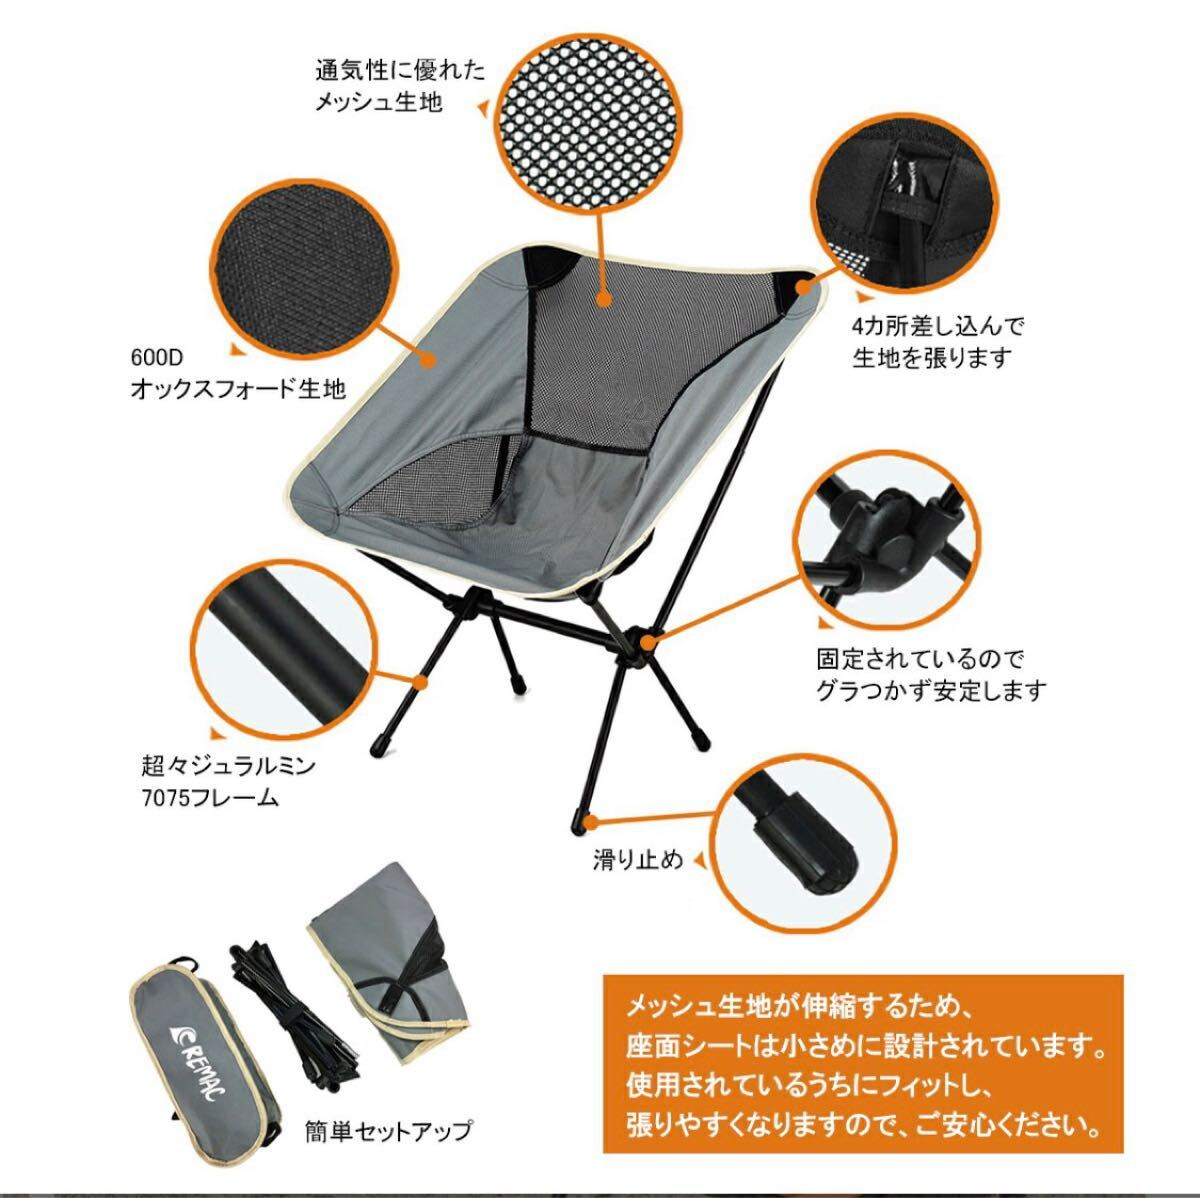 新品 らくらく持ち運び 折りたたみアウトドアチェア キャンプ椅子 ライトブルー